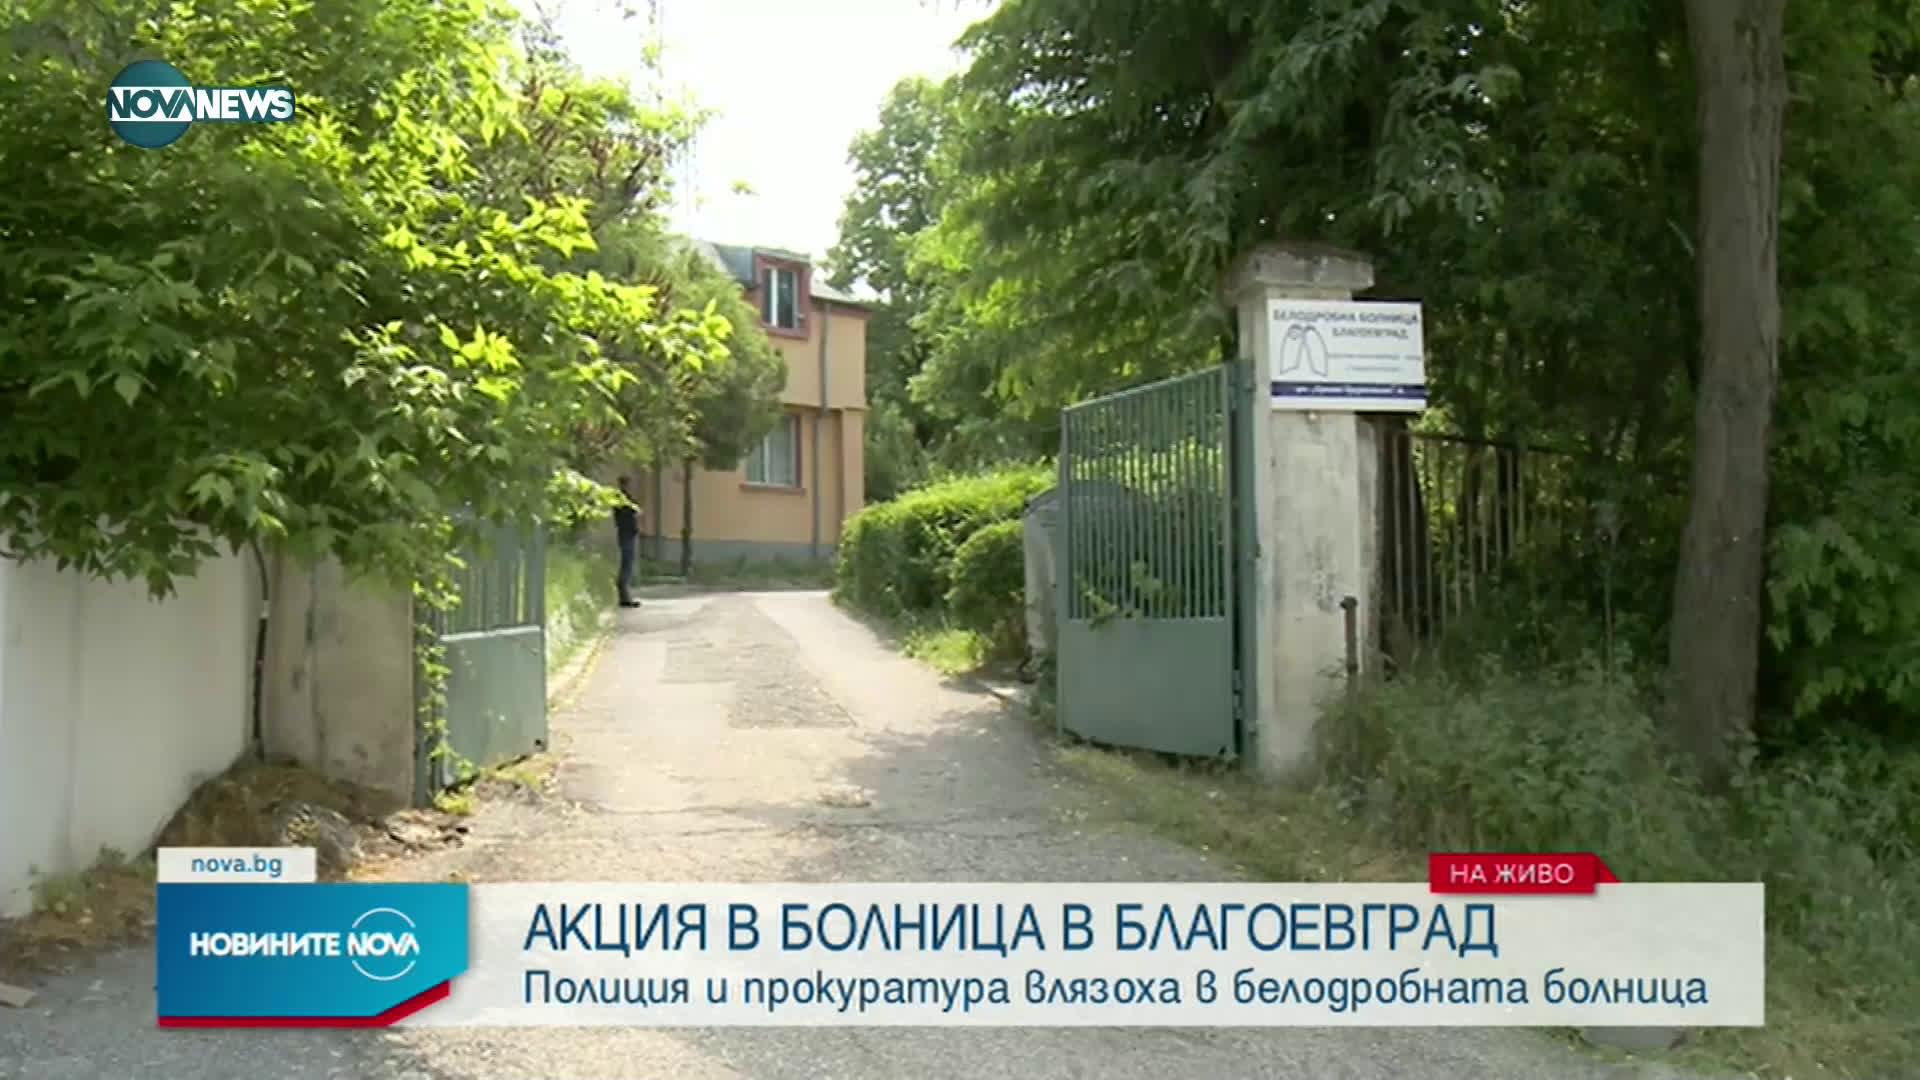 Полиция и прокуратура с акция в Белодробната болница в Благоевград